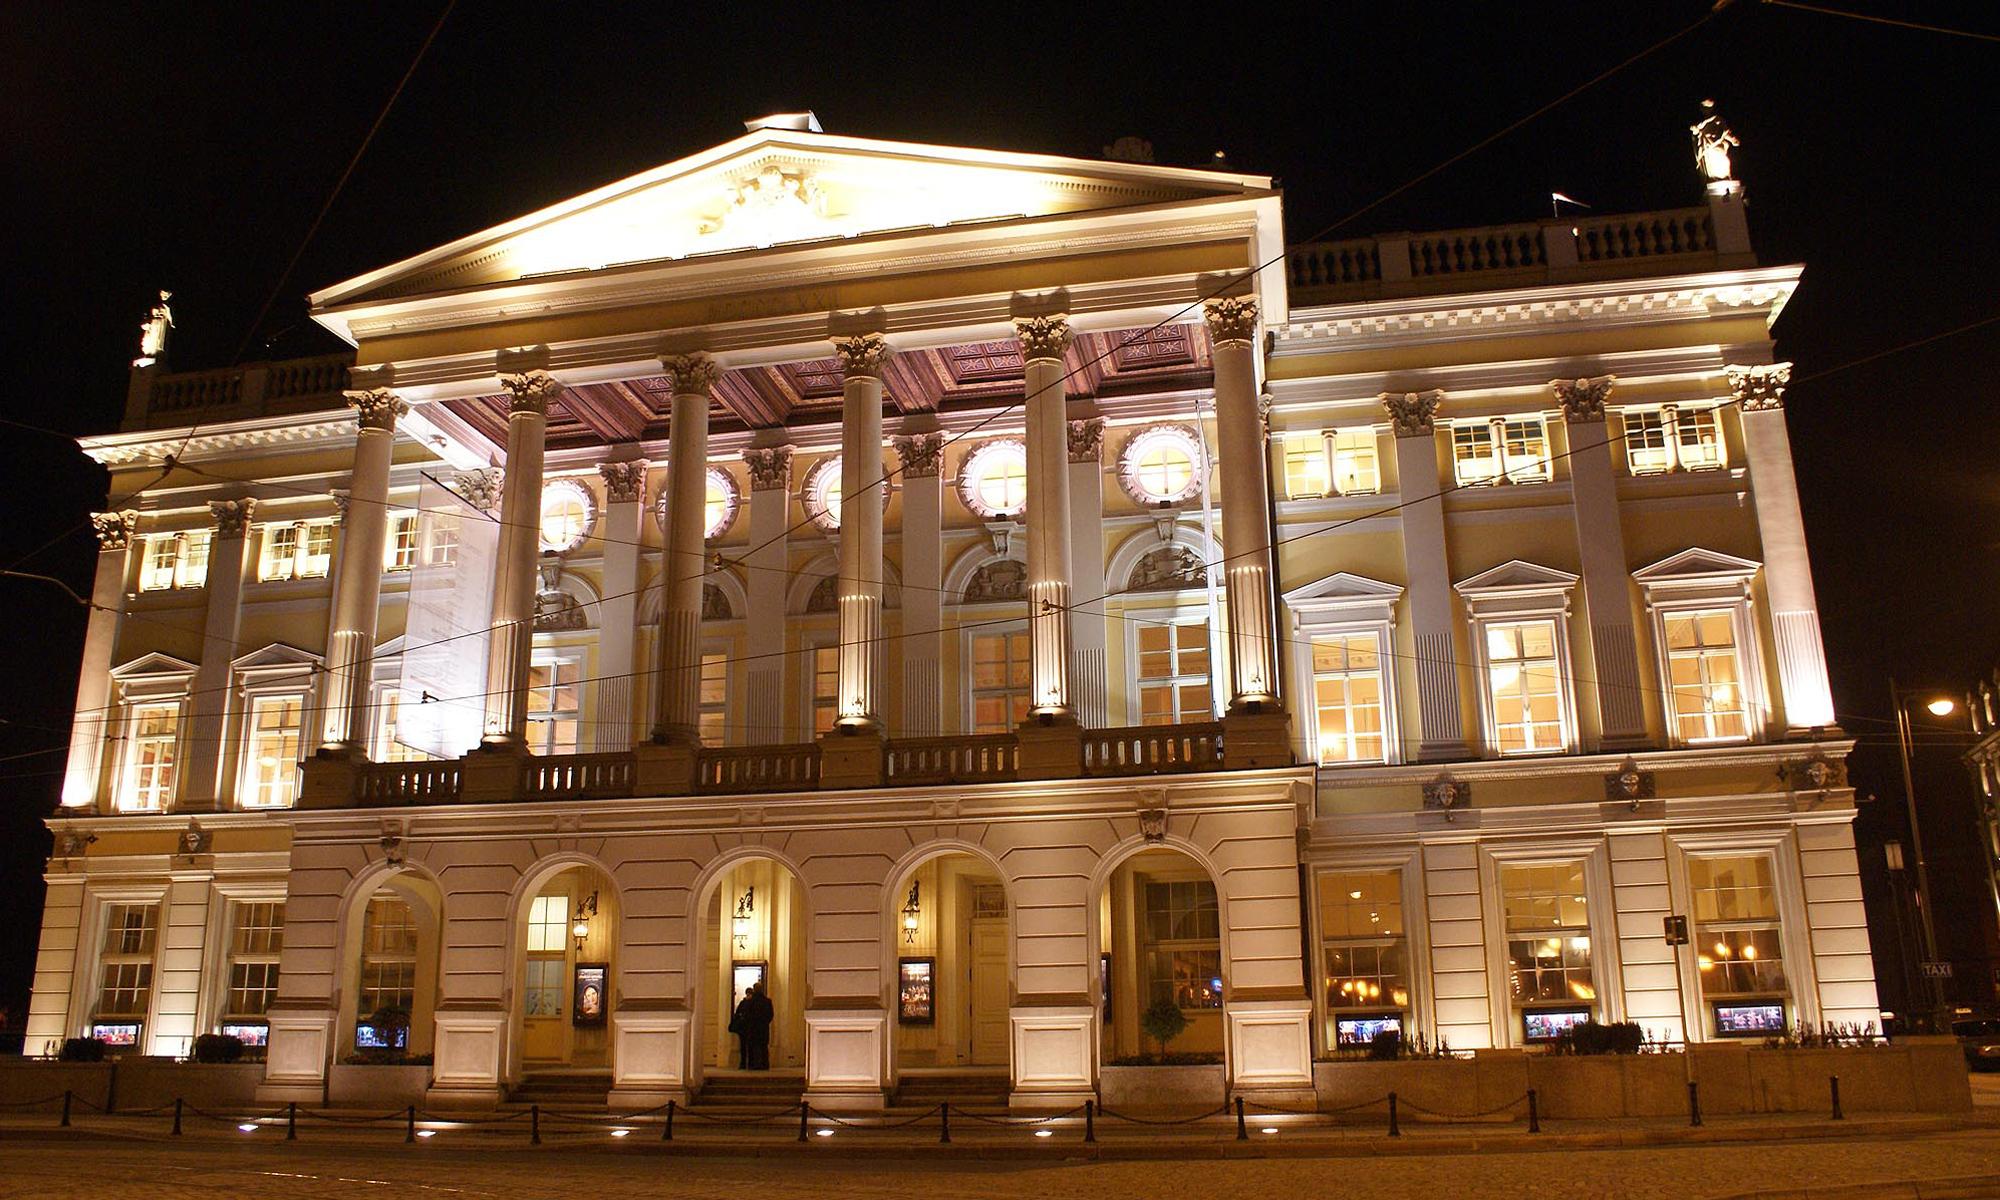 http://www.matthiasmanasi.com/opera-wroclawska/